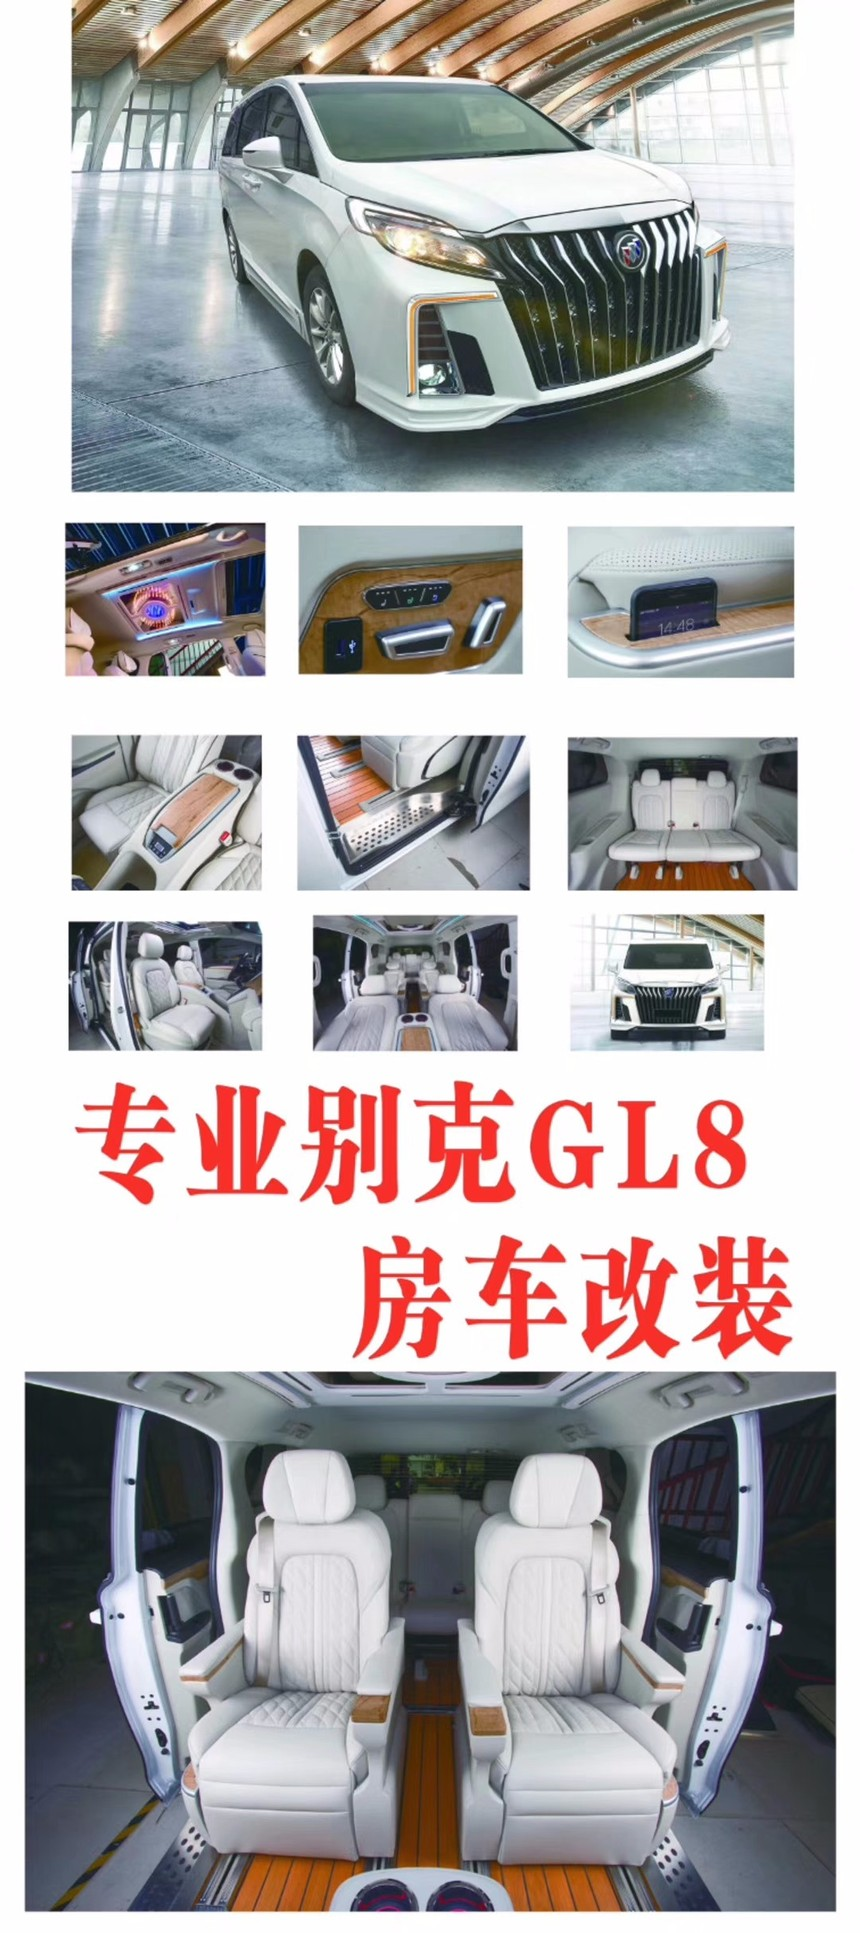 mmexport1564898935457.jpg